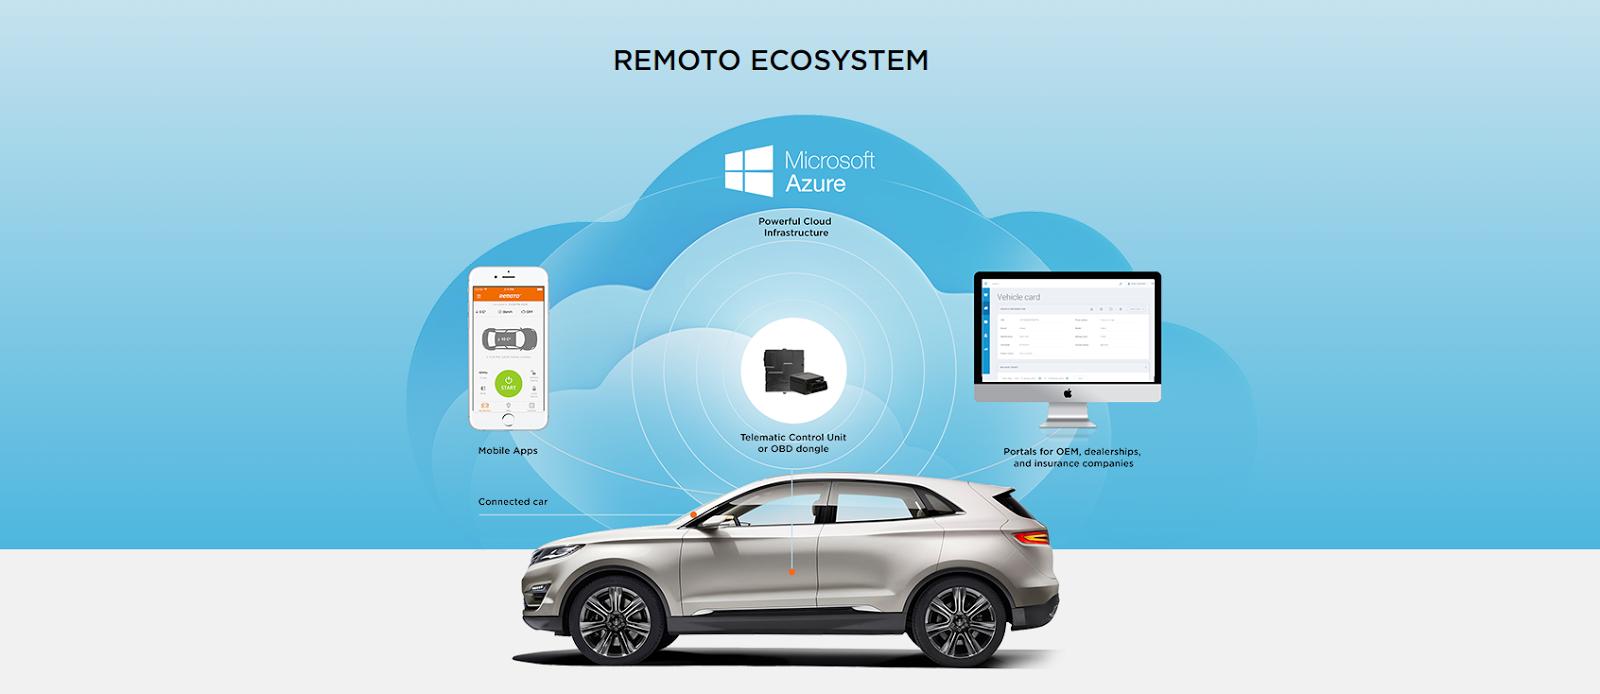 Играем в машинки по-взрослому: как мы стали поставщиками IT-решений для крупнейших автомобильных концернов - 1